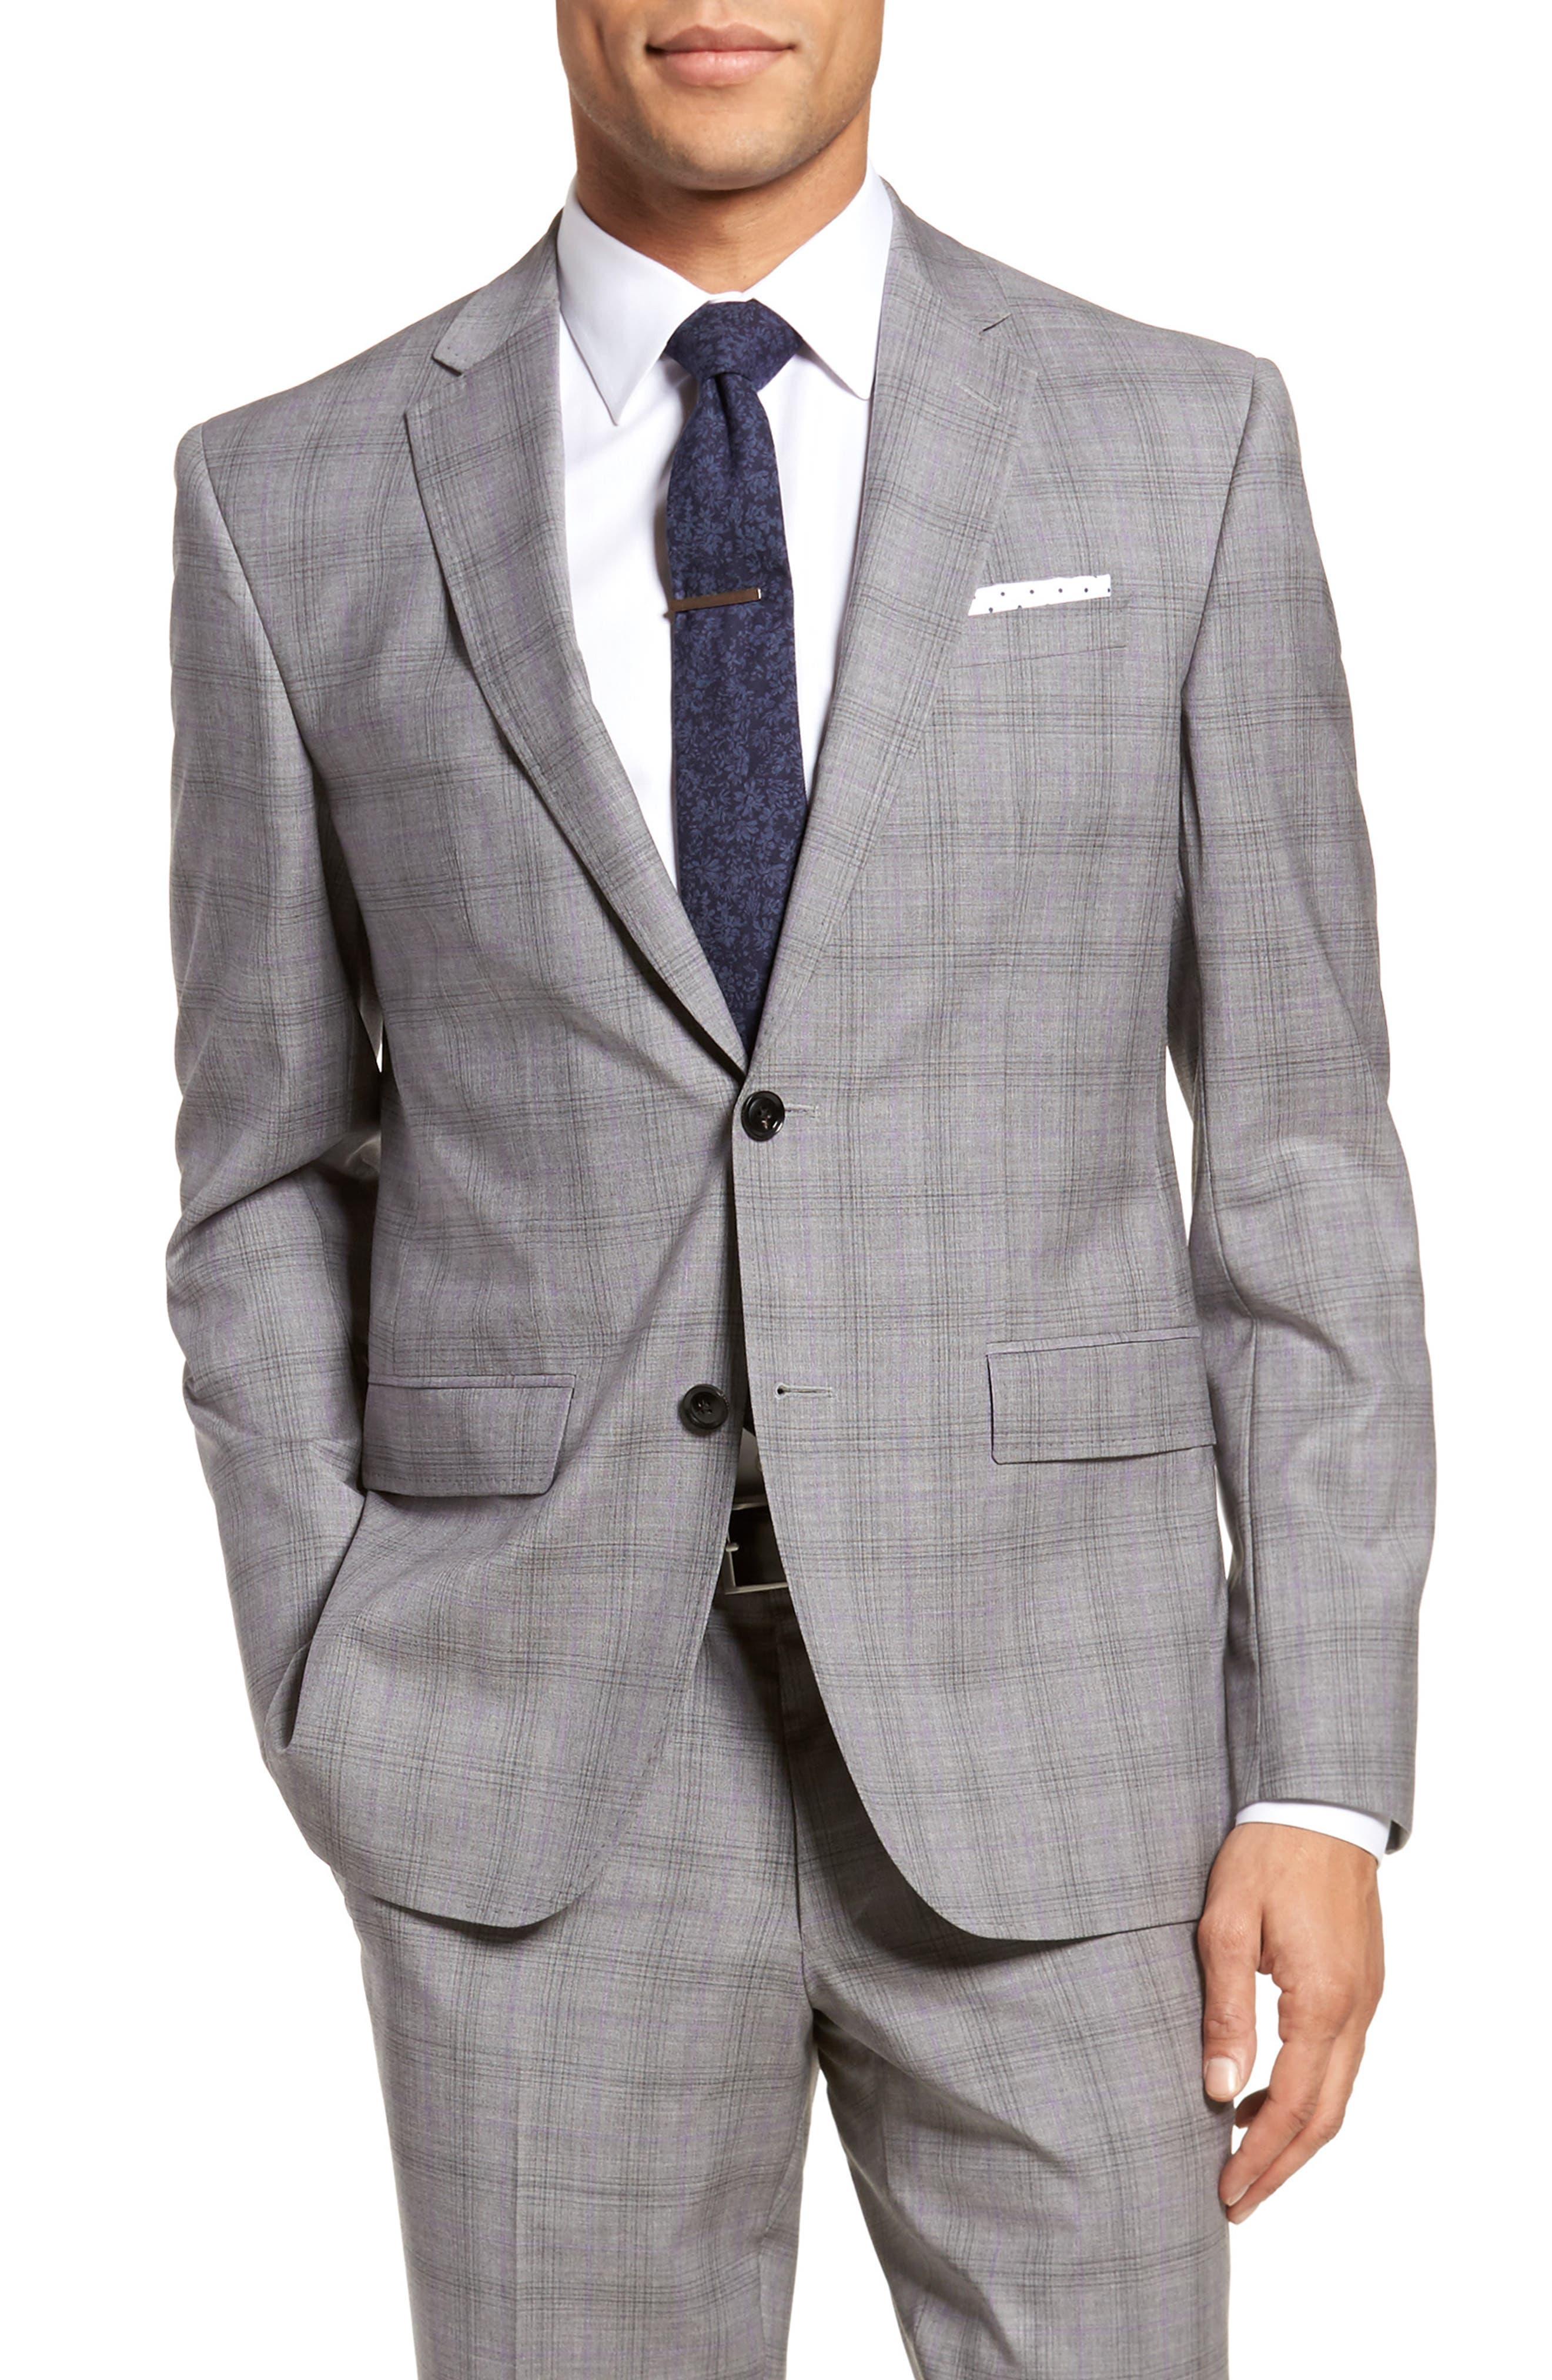 Jay Trim Fit Plaid Wool Suit,                             Alternate thumbnail 5, color,                             050